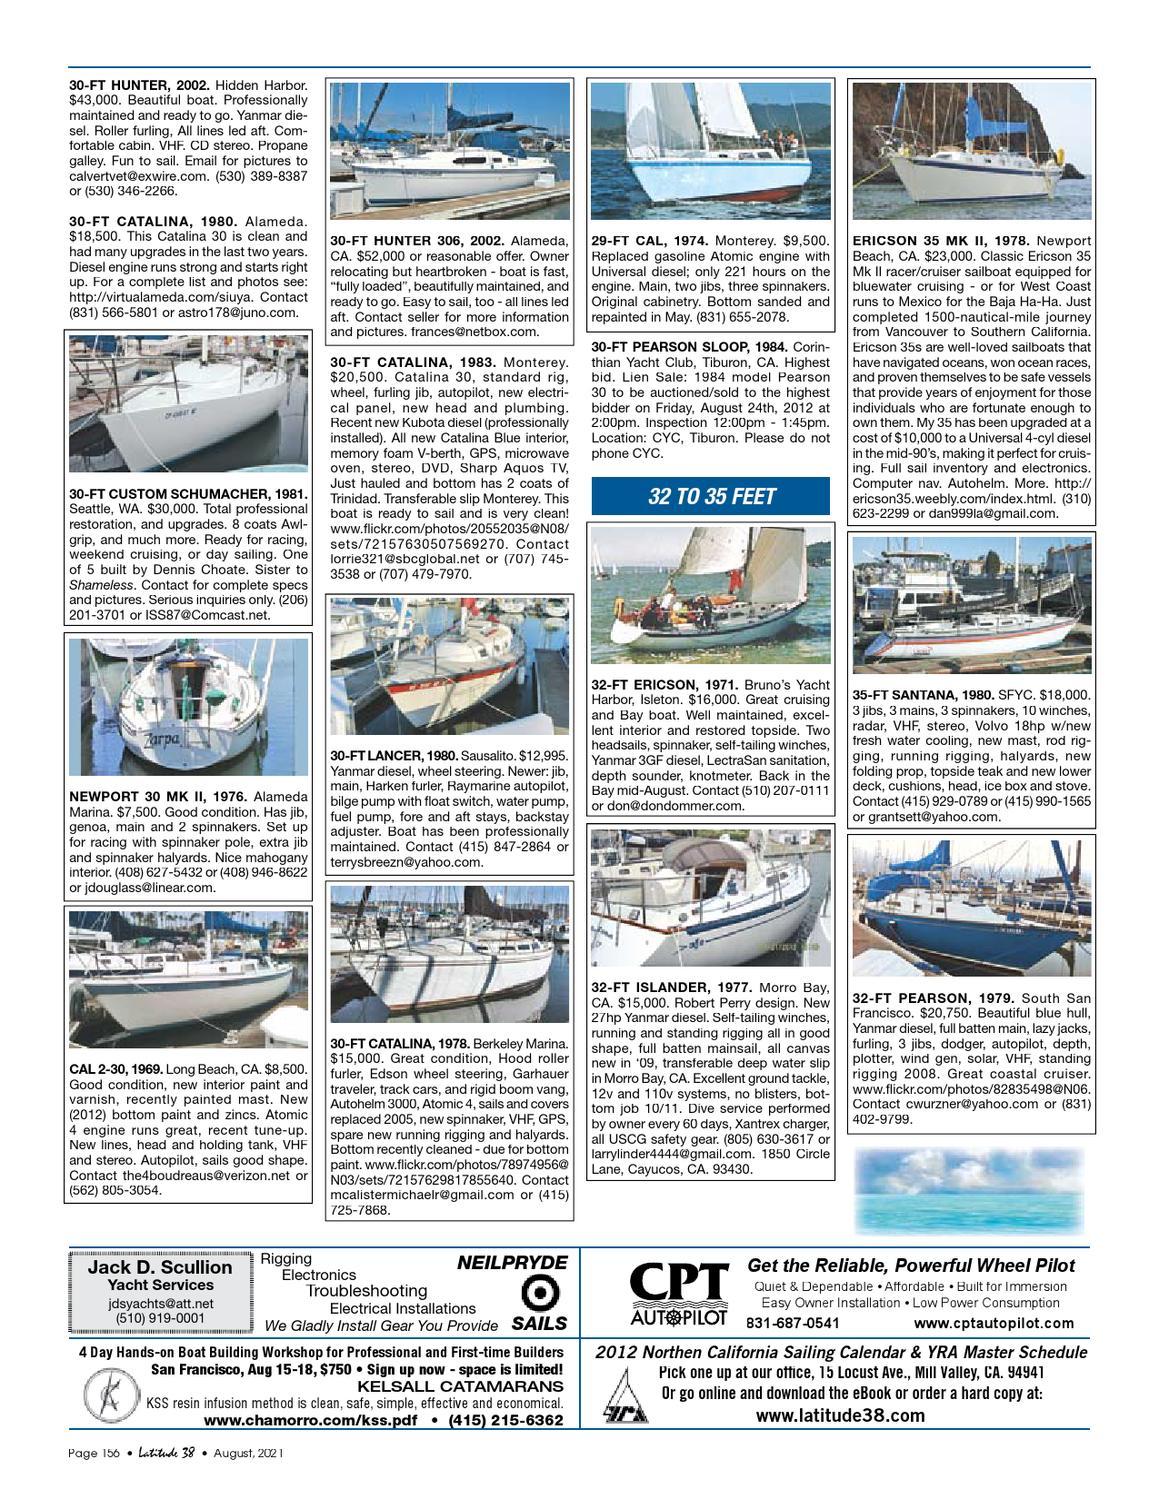 Latitude 38 August 2012 by Latitude 38 Media, LLC - issuu